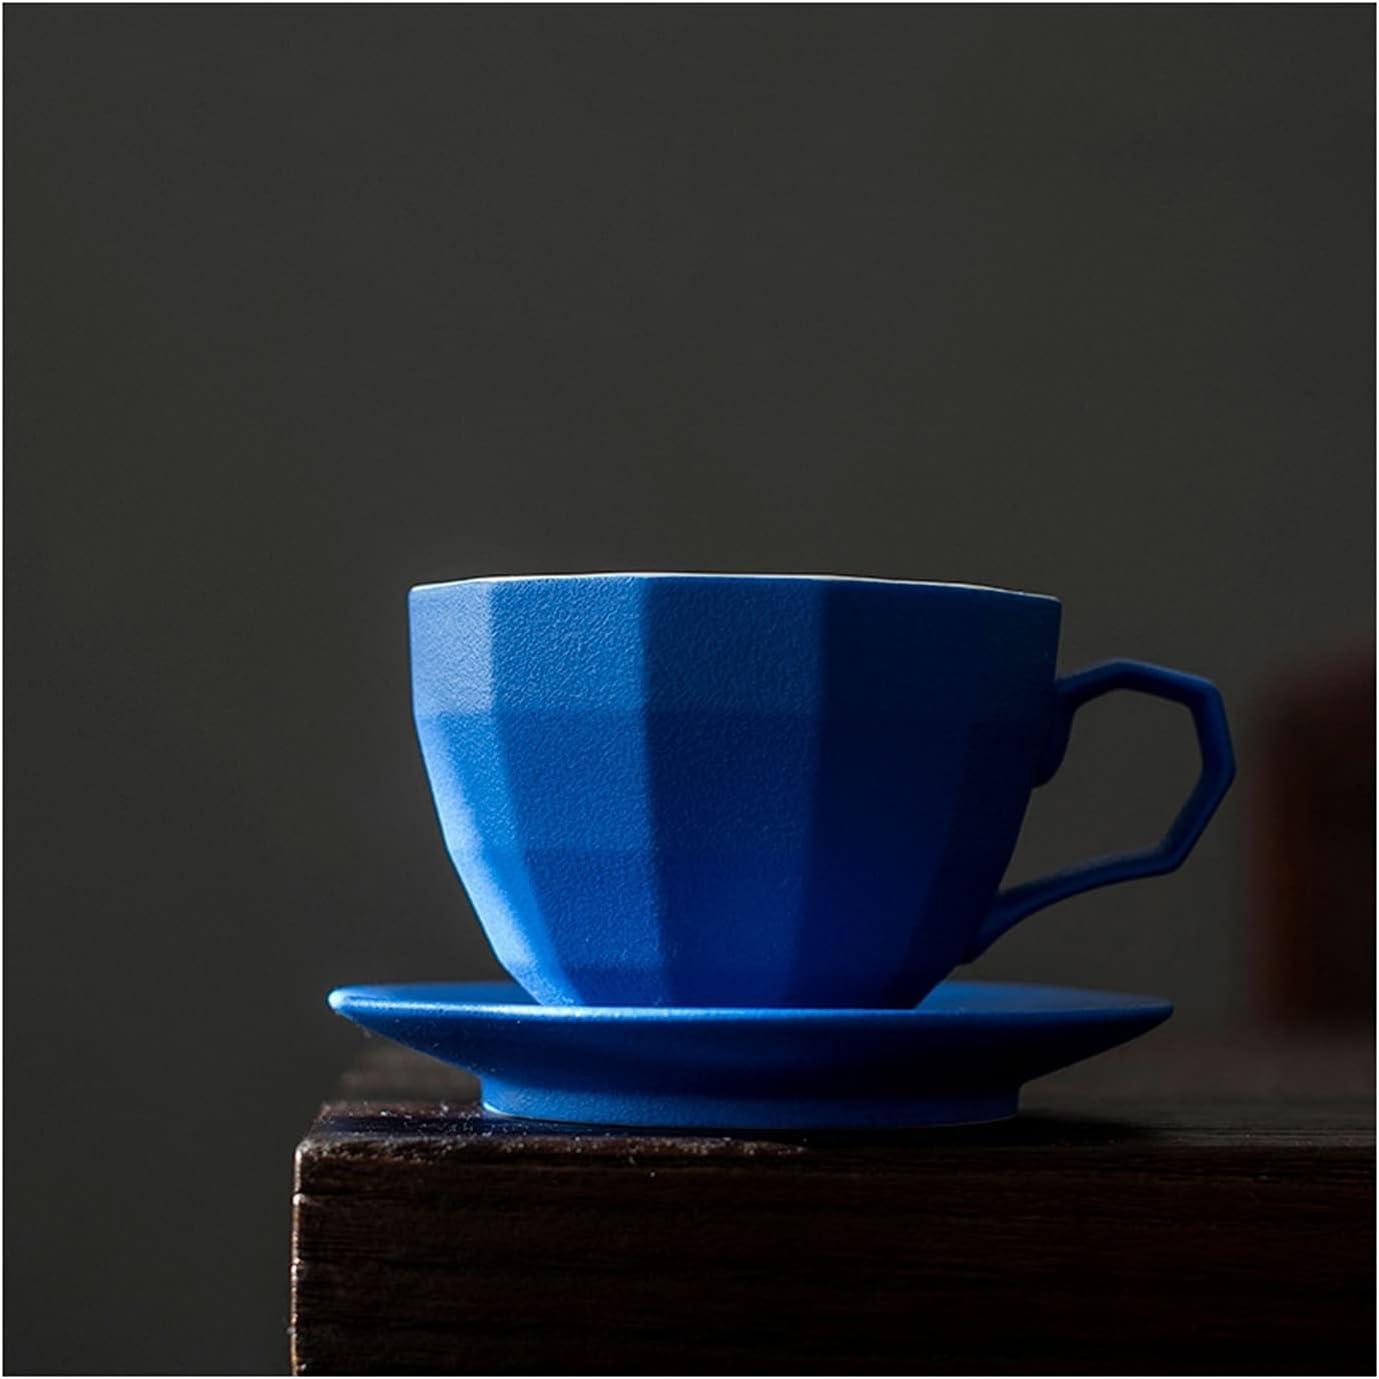 Porcelain Mug 8.1oz Blue Coffee Tulsa Mall Cup Set Ceramic and quality assurance Saucer Coffe